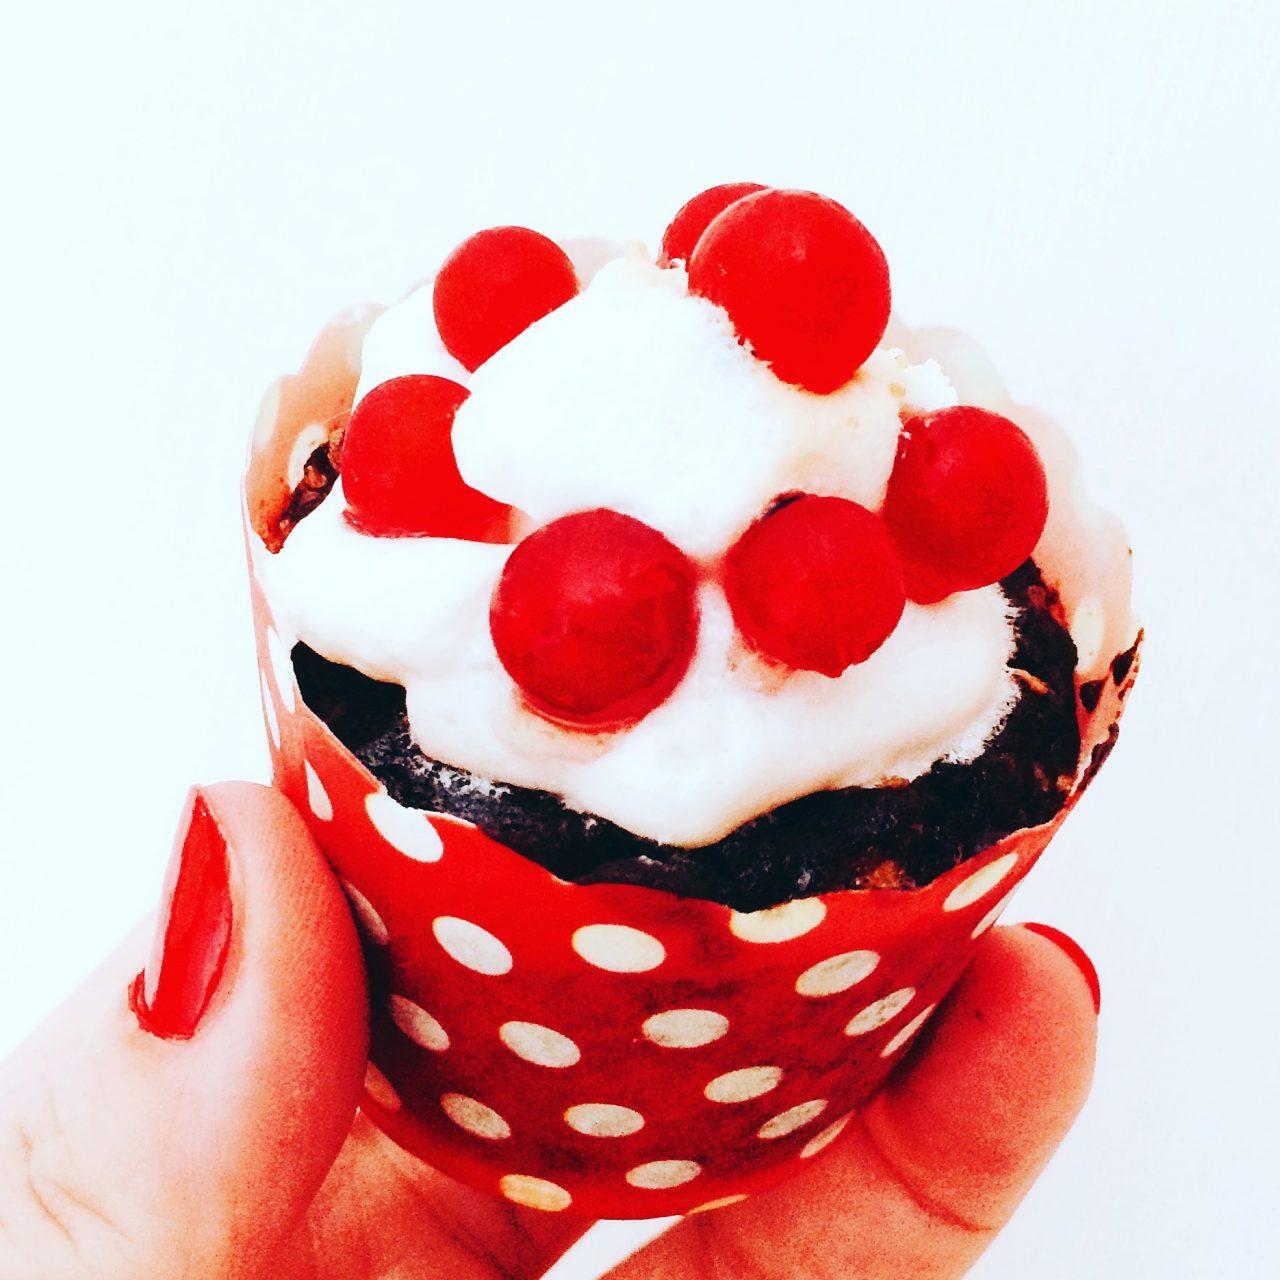 muffin al cioccolato, meringa e ribes in mano